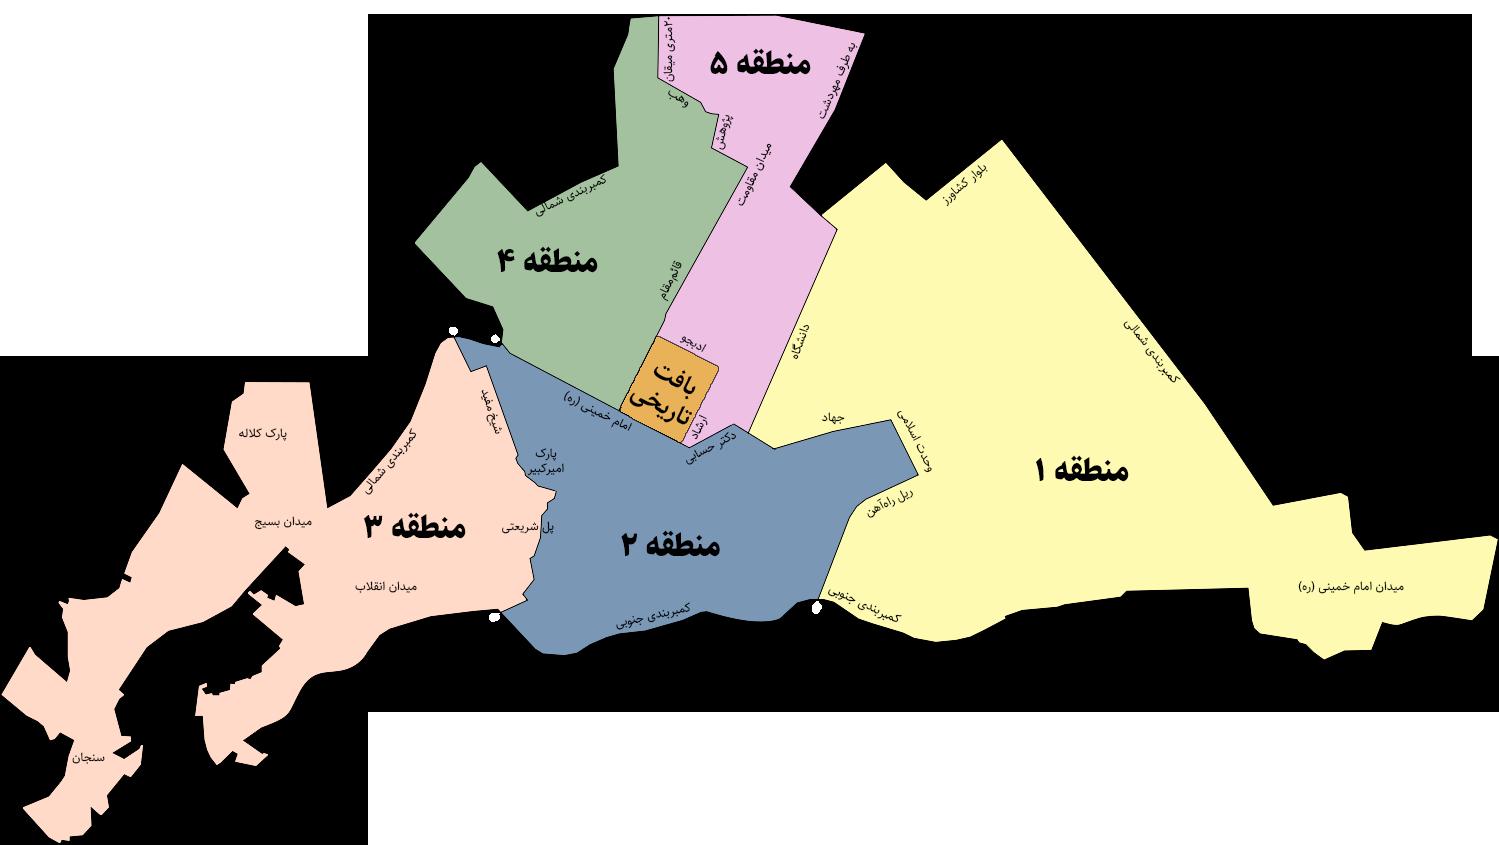 مناطق شهرداری اراک